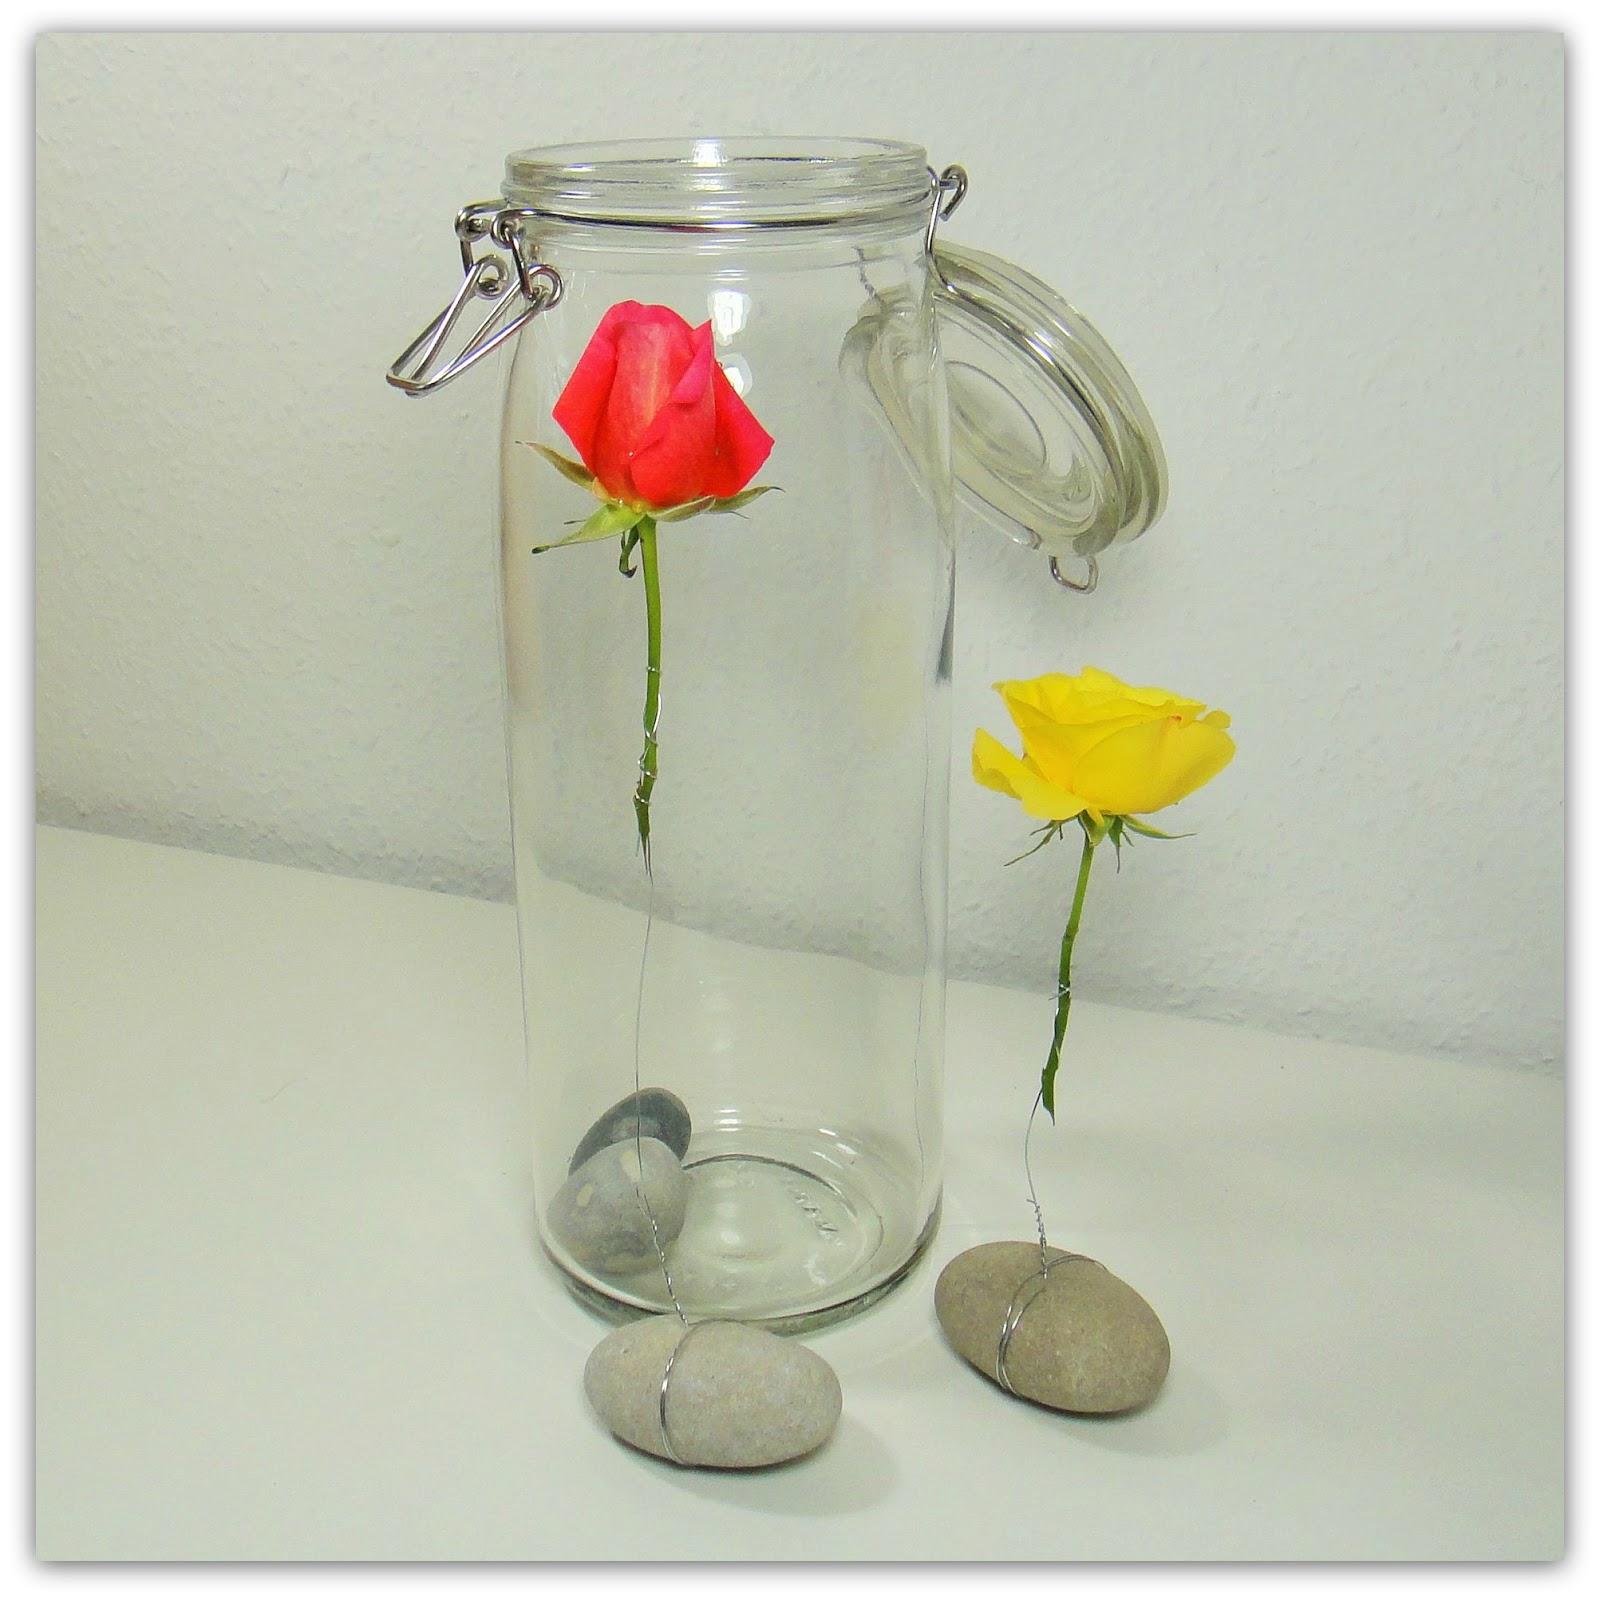 ines felix kreatives zum nachmachen rosen im wasserglas. Black Bedroom Furniture Sets. Home Design Ideas